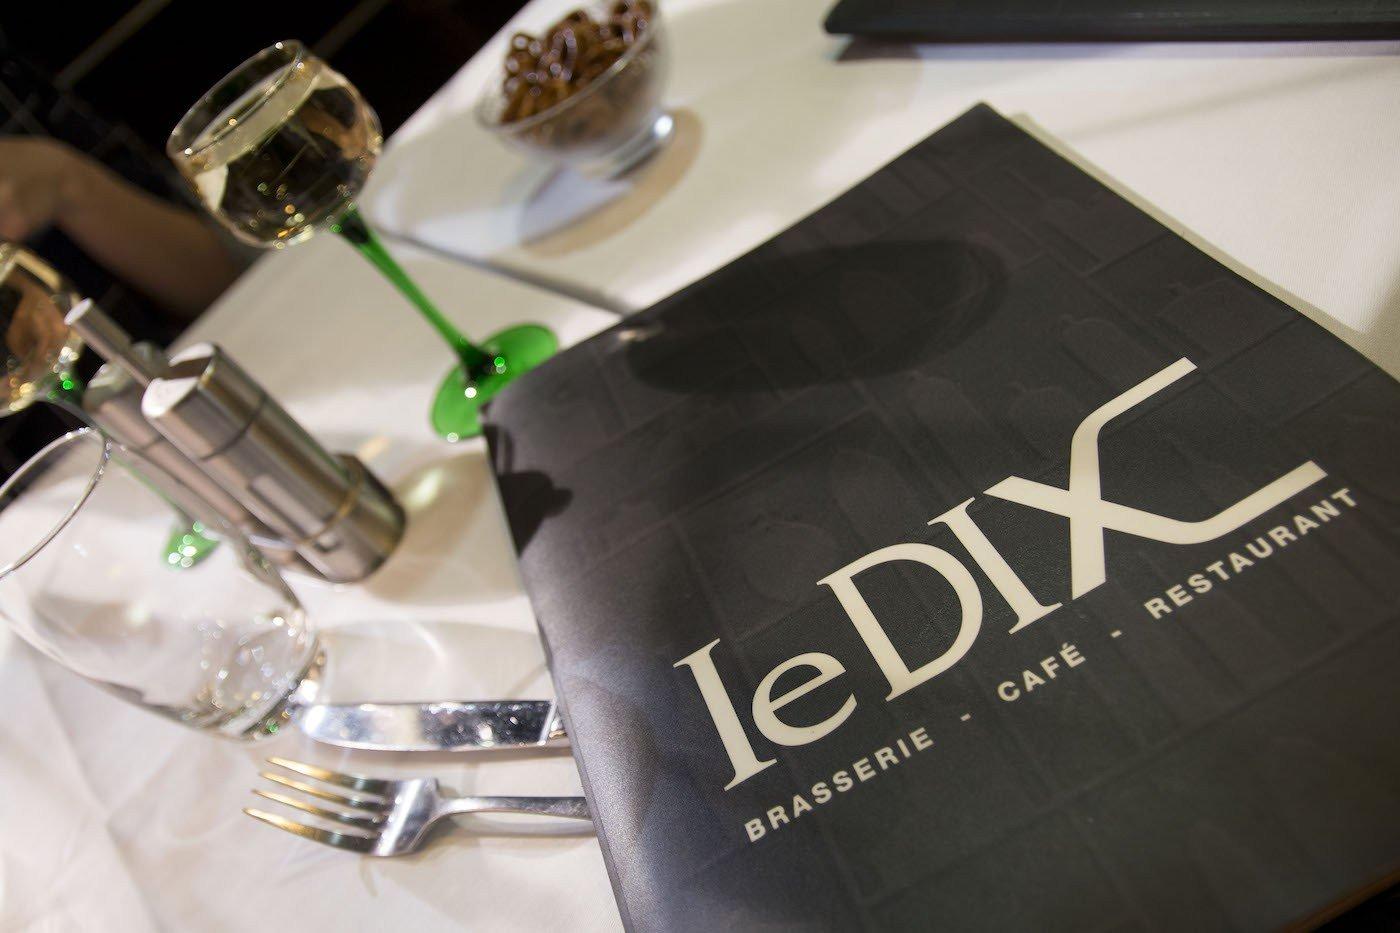 Le Dix***